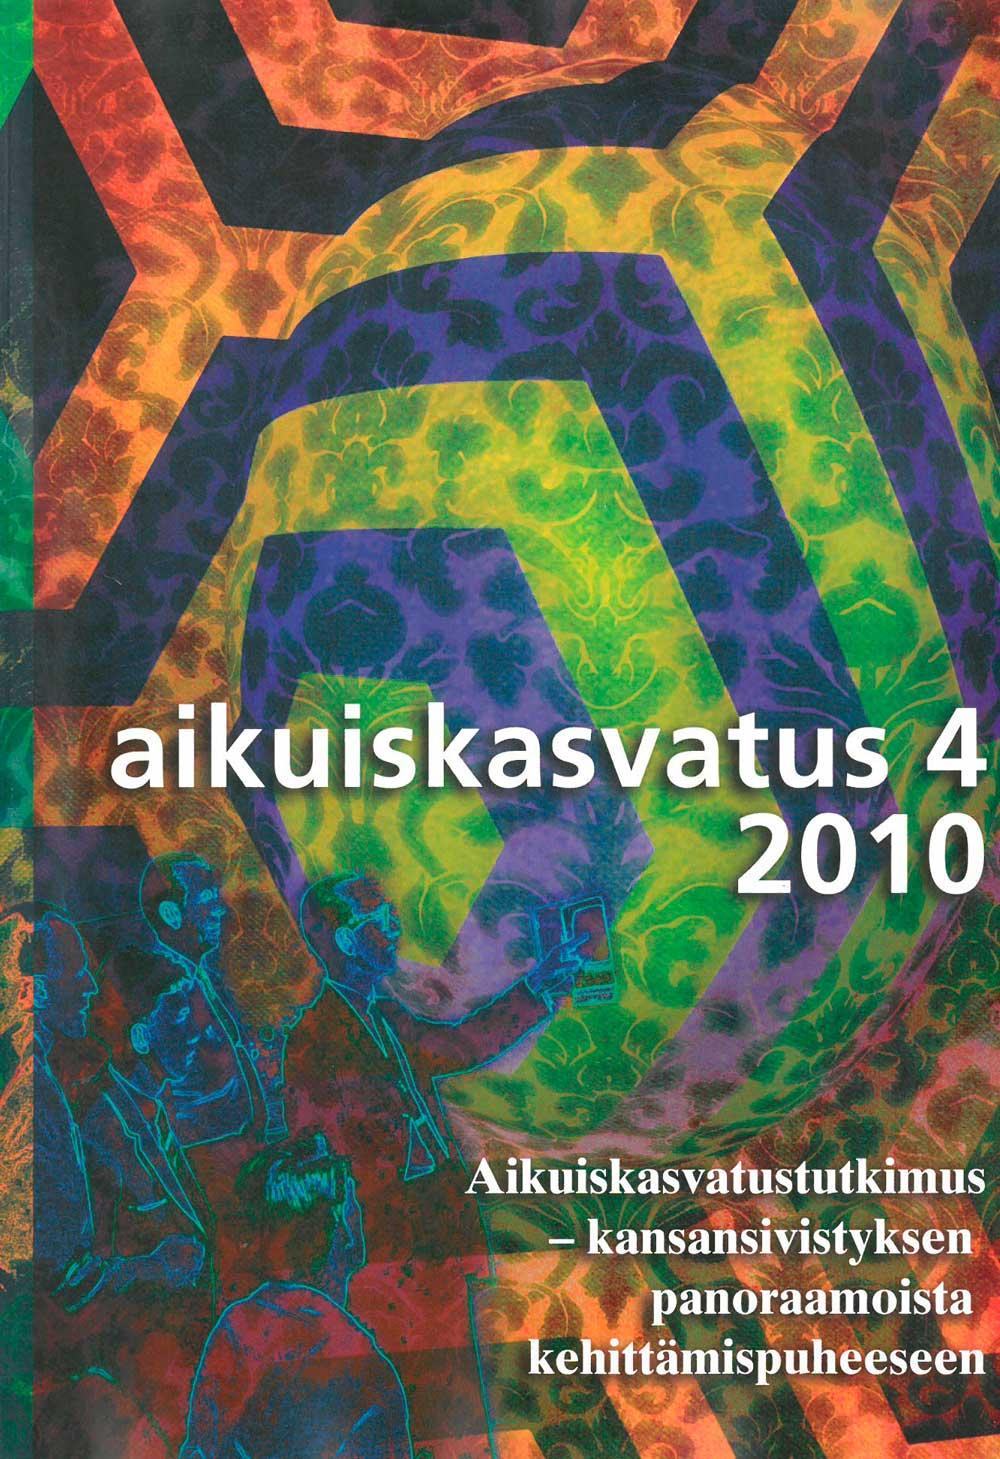 Näytä Vol 30 Nro 4 (2010): Aikuiskasvatus 4/2010: Aikuiskasvatustutkimus – kansansivistyksen panoraamoista kehittämispuheeseen